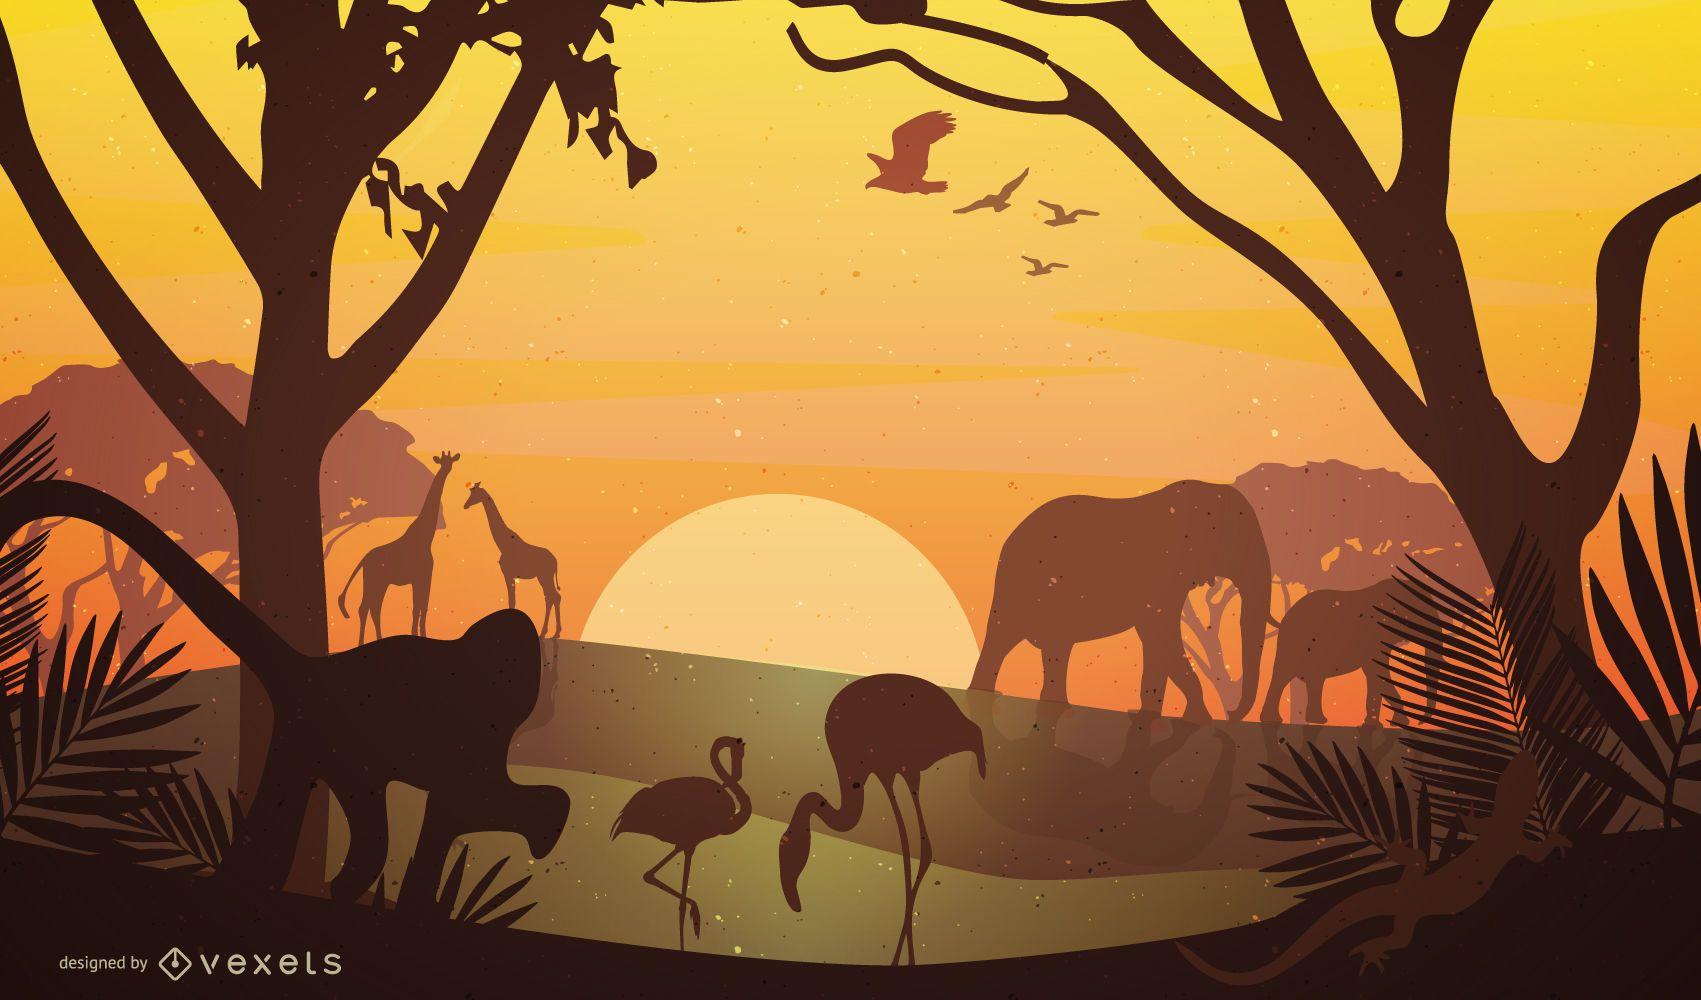 Vista do pôr do sol no Safari